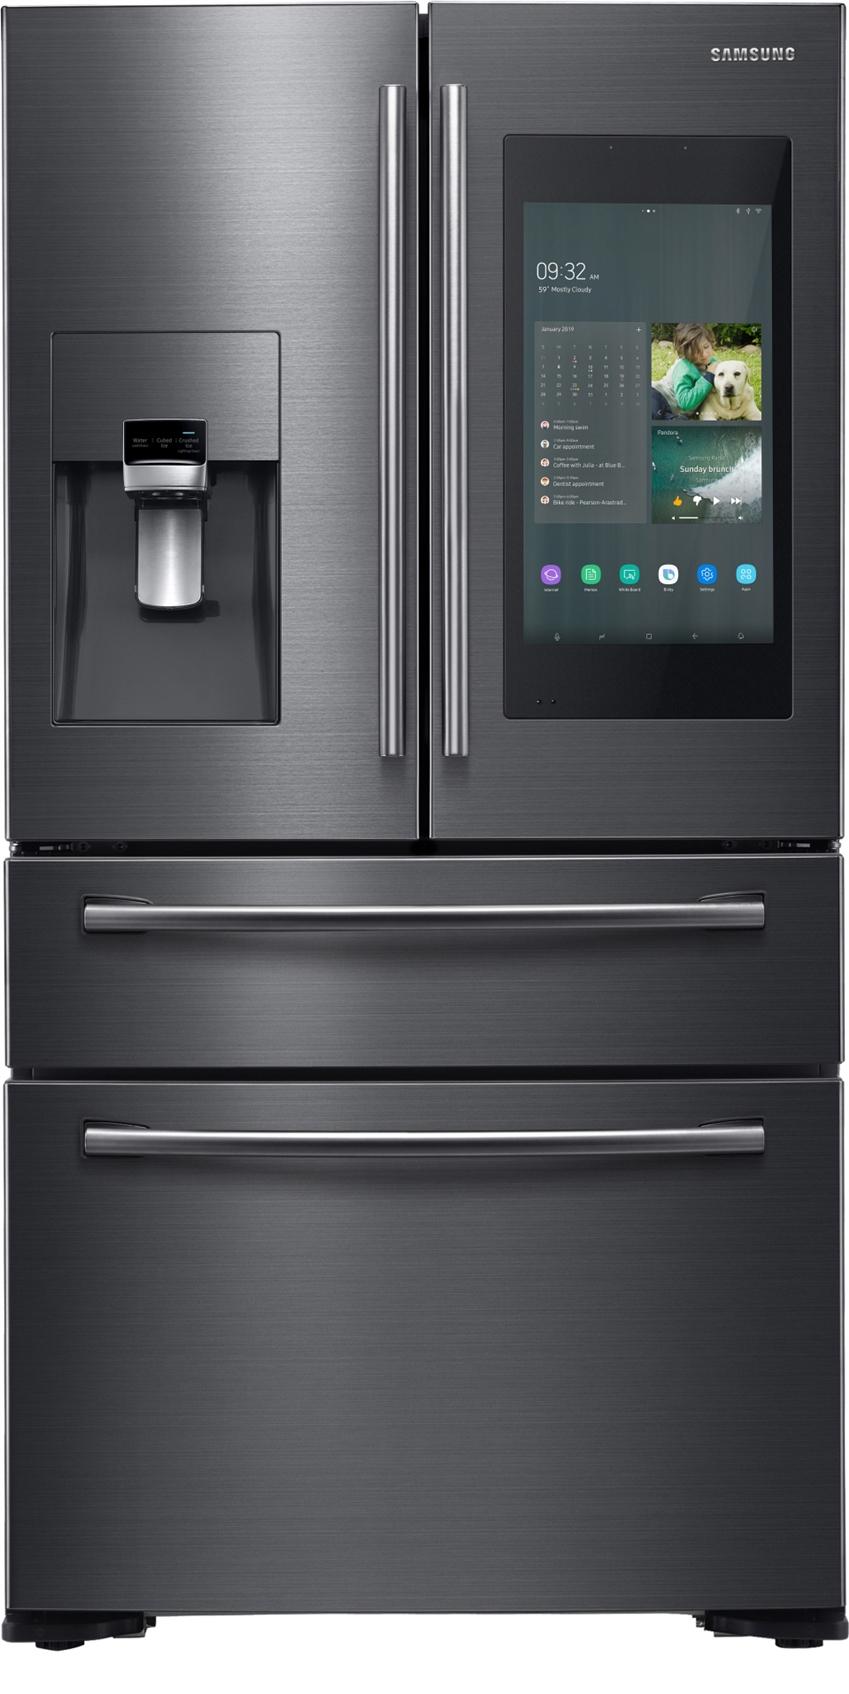 삼성전자가 미국 라스베이거스에서 열리는 세계 최대 전자 전시회 CES 2019에서 4년 연속 CES 혁신상을 수상한 2019년형 '패밀리허브' 냉장고 신제품을 공개했다. 사진 2는 삼성 2019년형 패밀리허브 제품(모델명: RF22NPEDBSG)